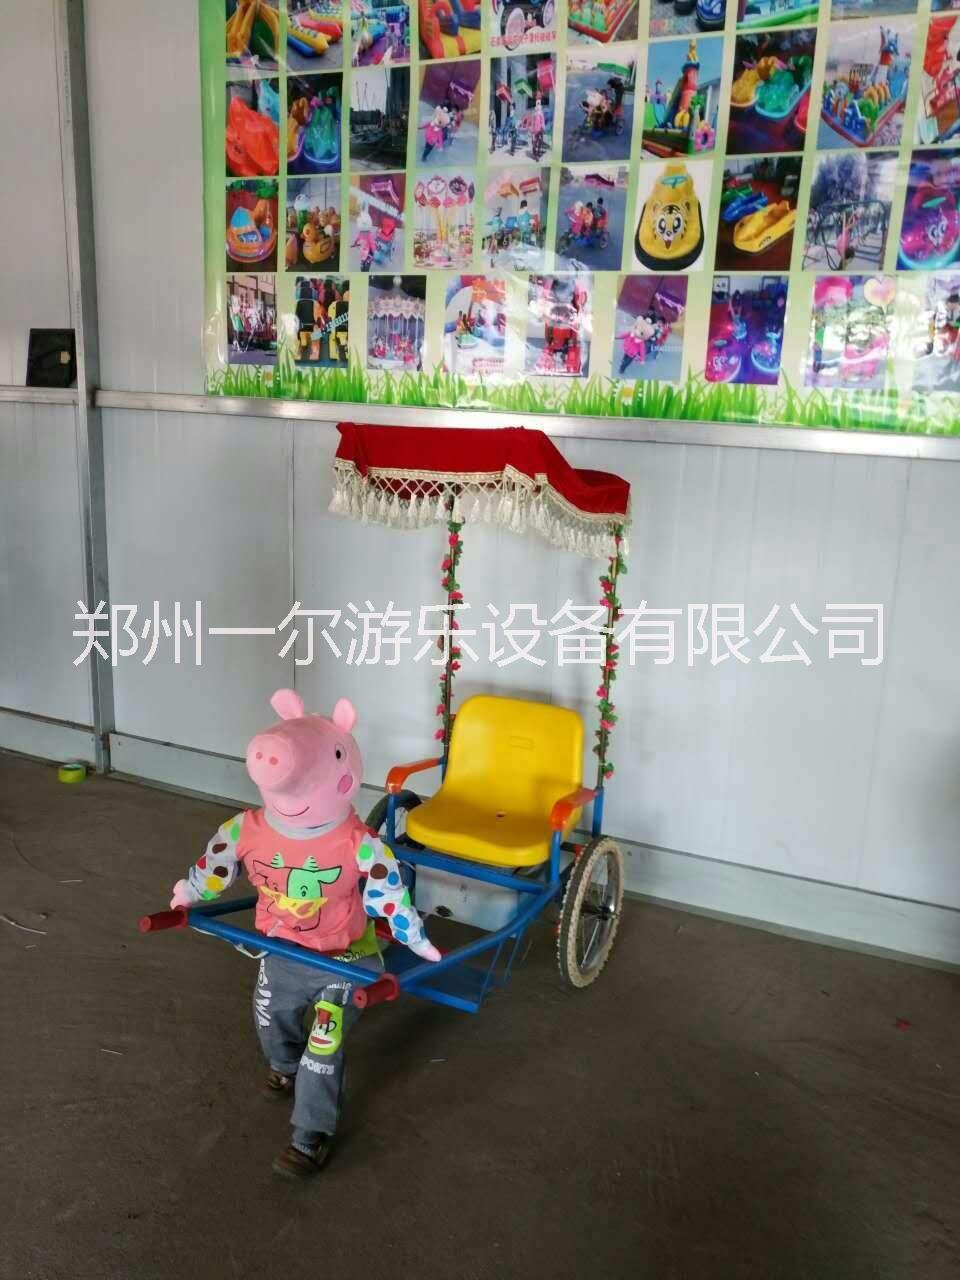 枣庄哪里有卖小羊人拉车机器人拉黄包车鬼子拉车的